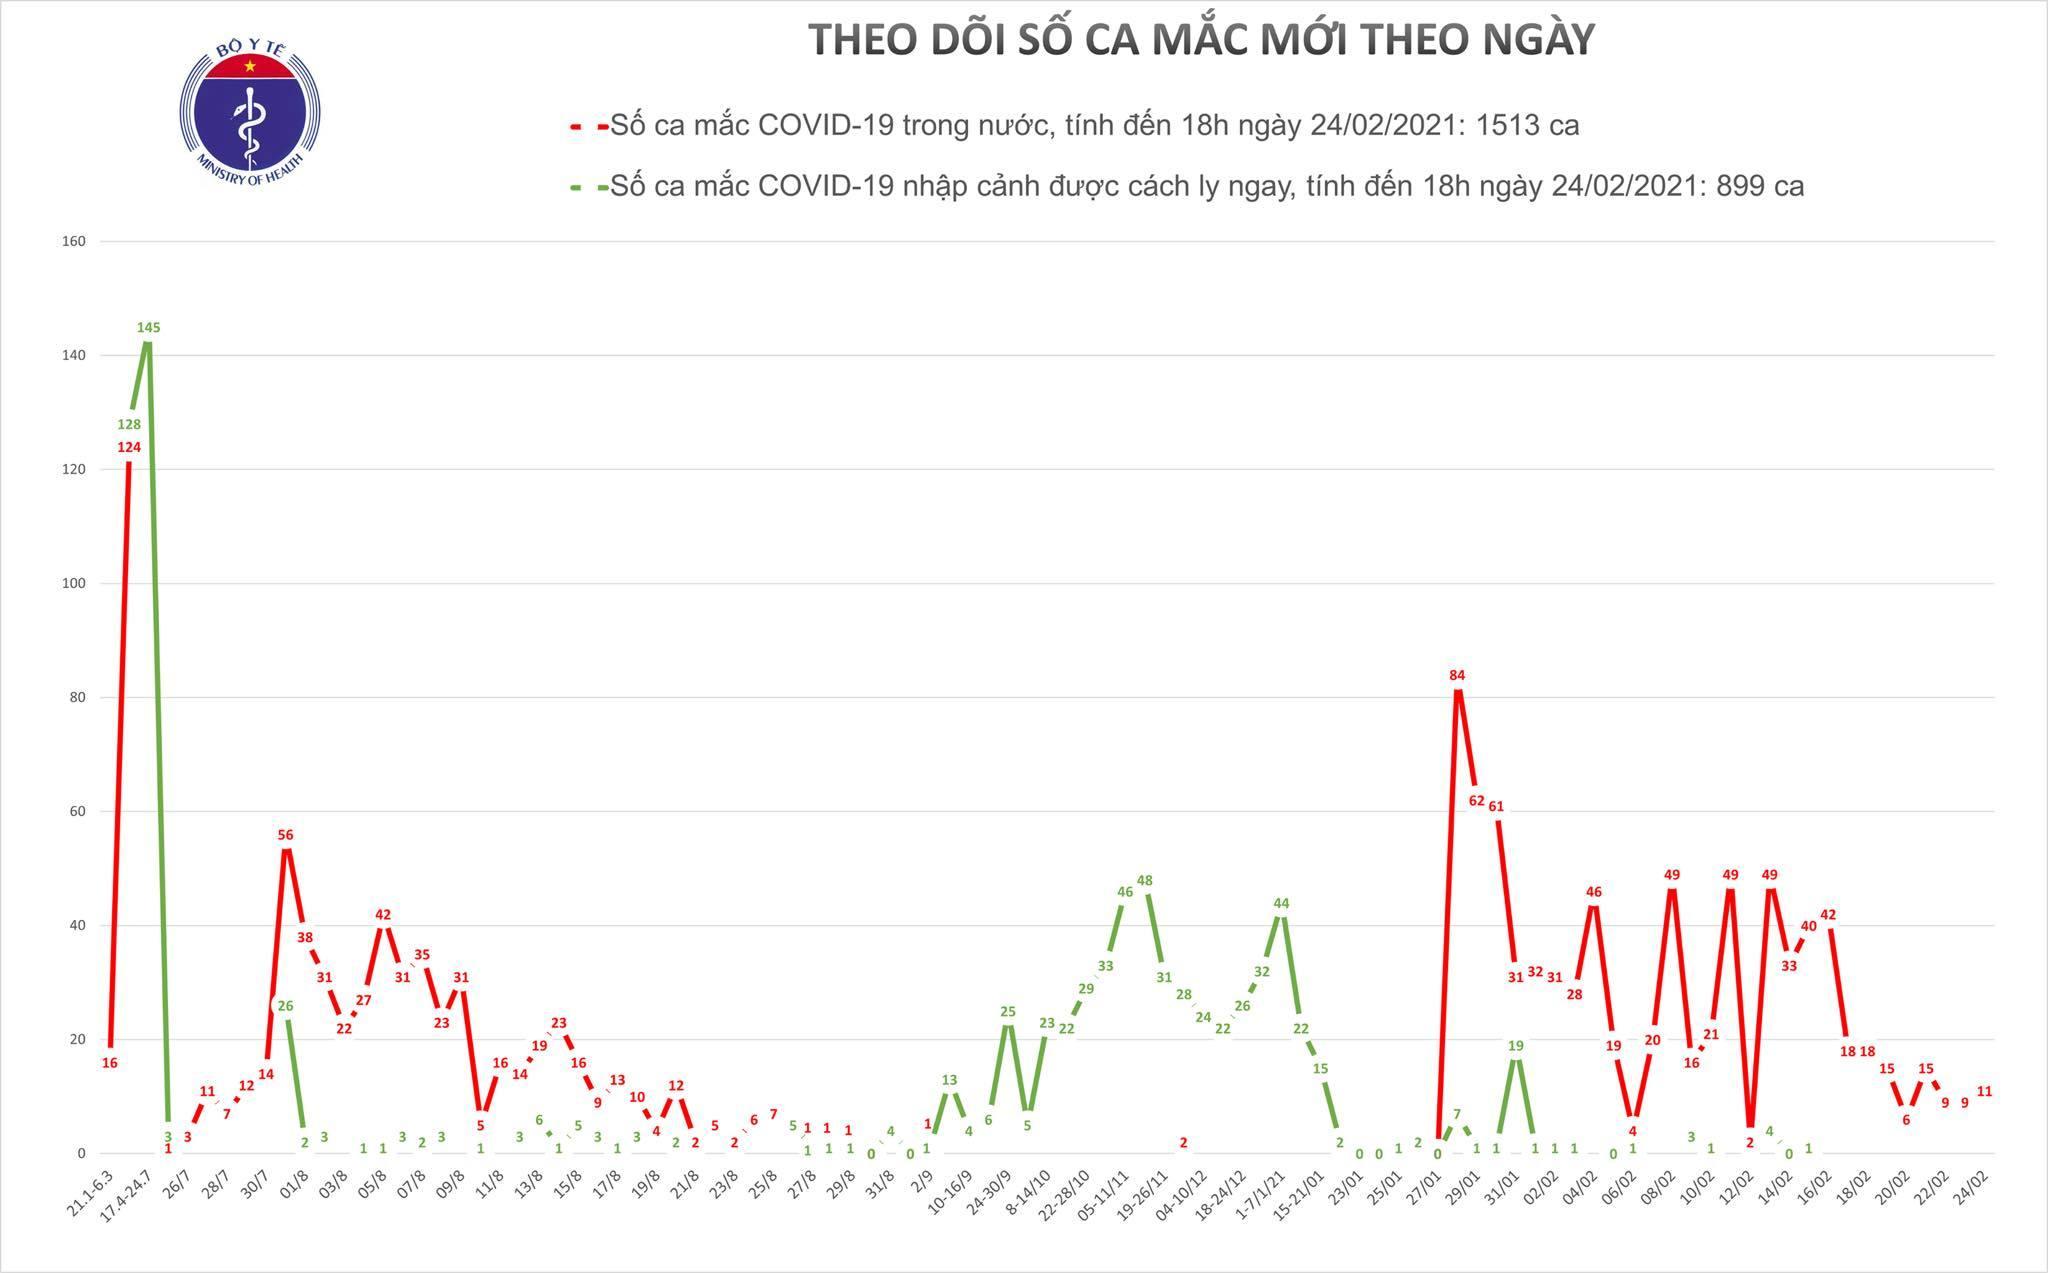 Hải Dương ghi nhận thêm 9 ca Covid-19, có 6 ca tại ổ dịch Kim Thành